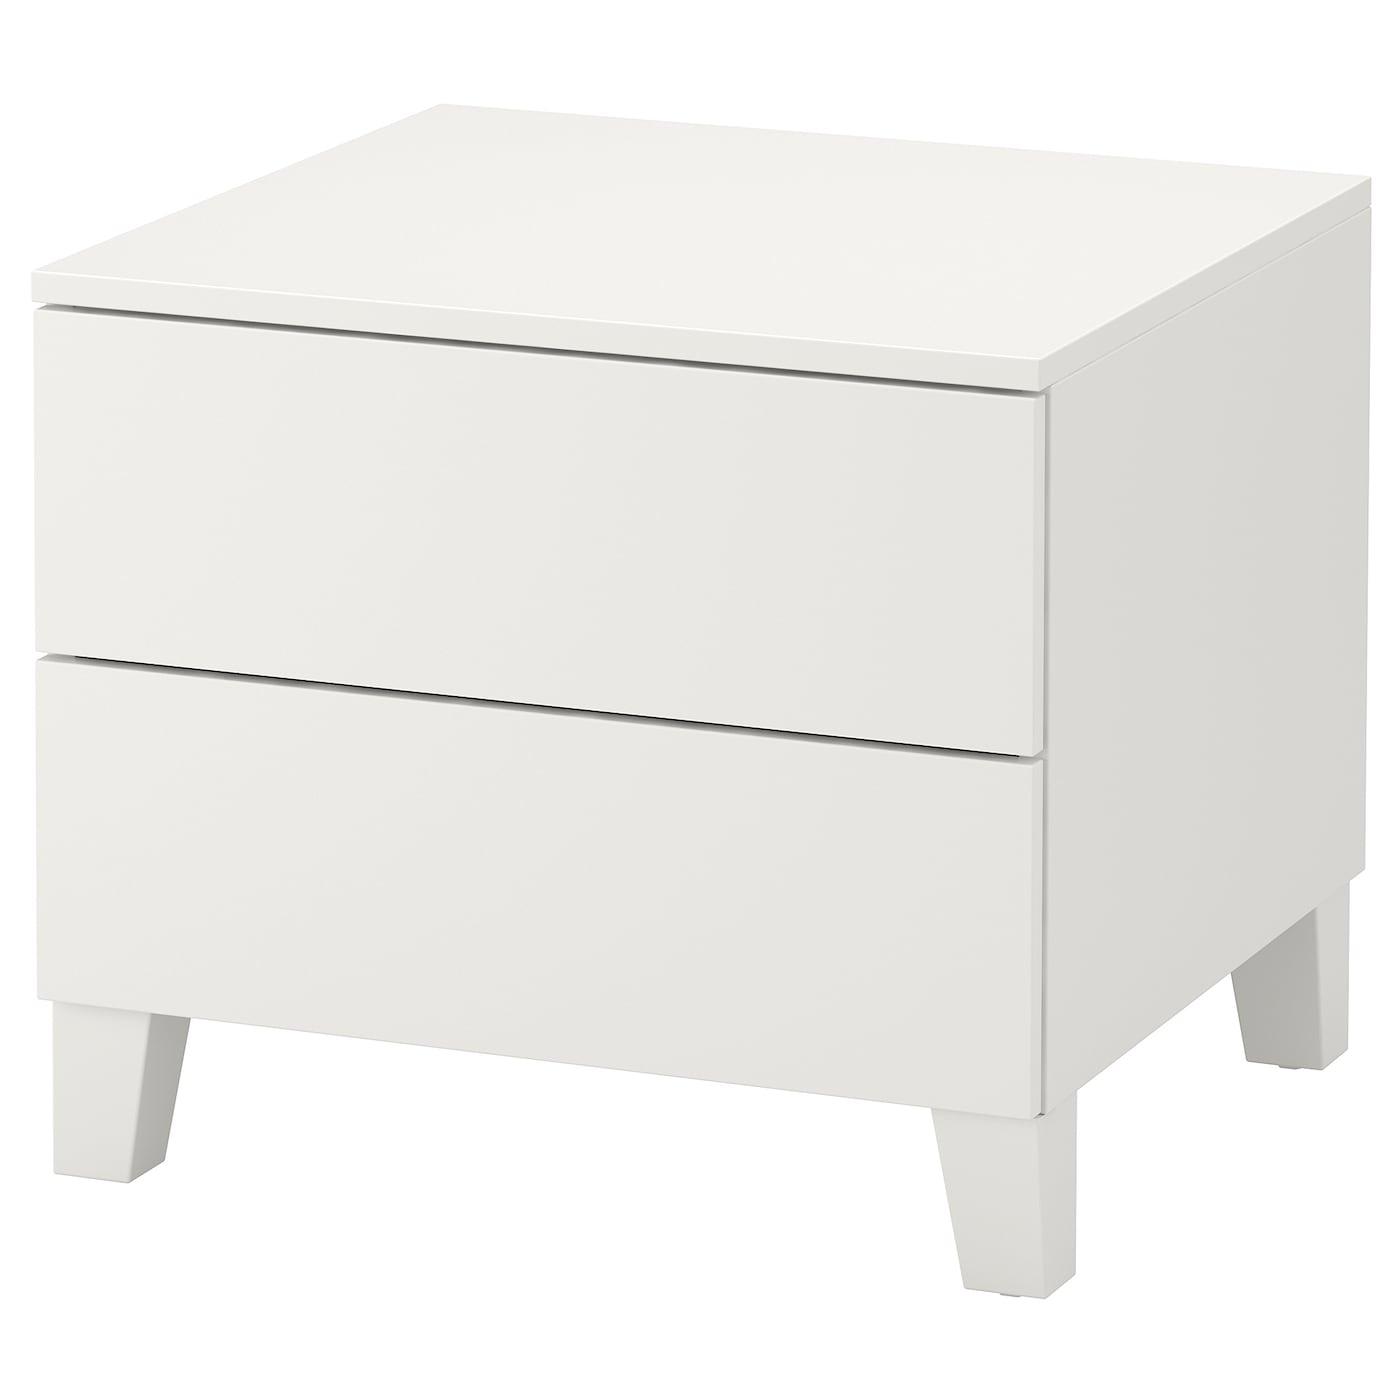 IKEA PLATSA Komoda, 2 szuflady, biały, Fonnes biały, 60x57x53 cm